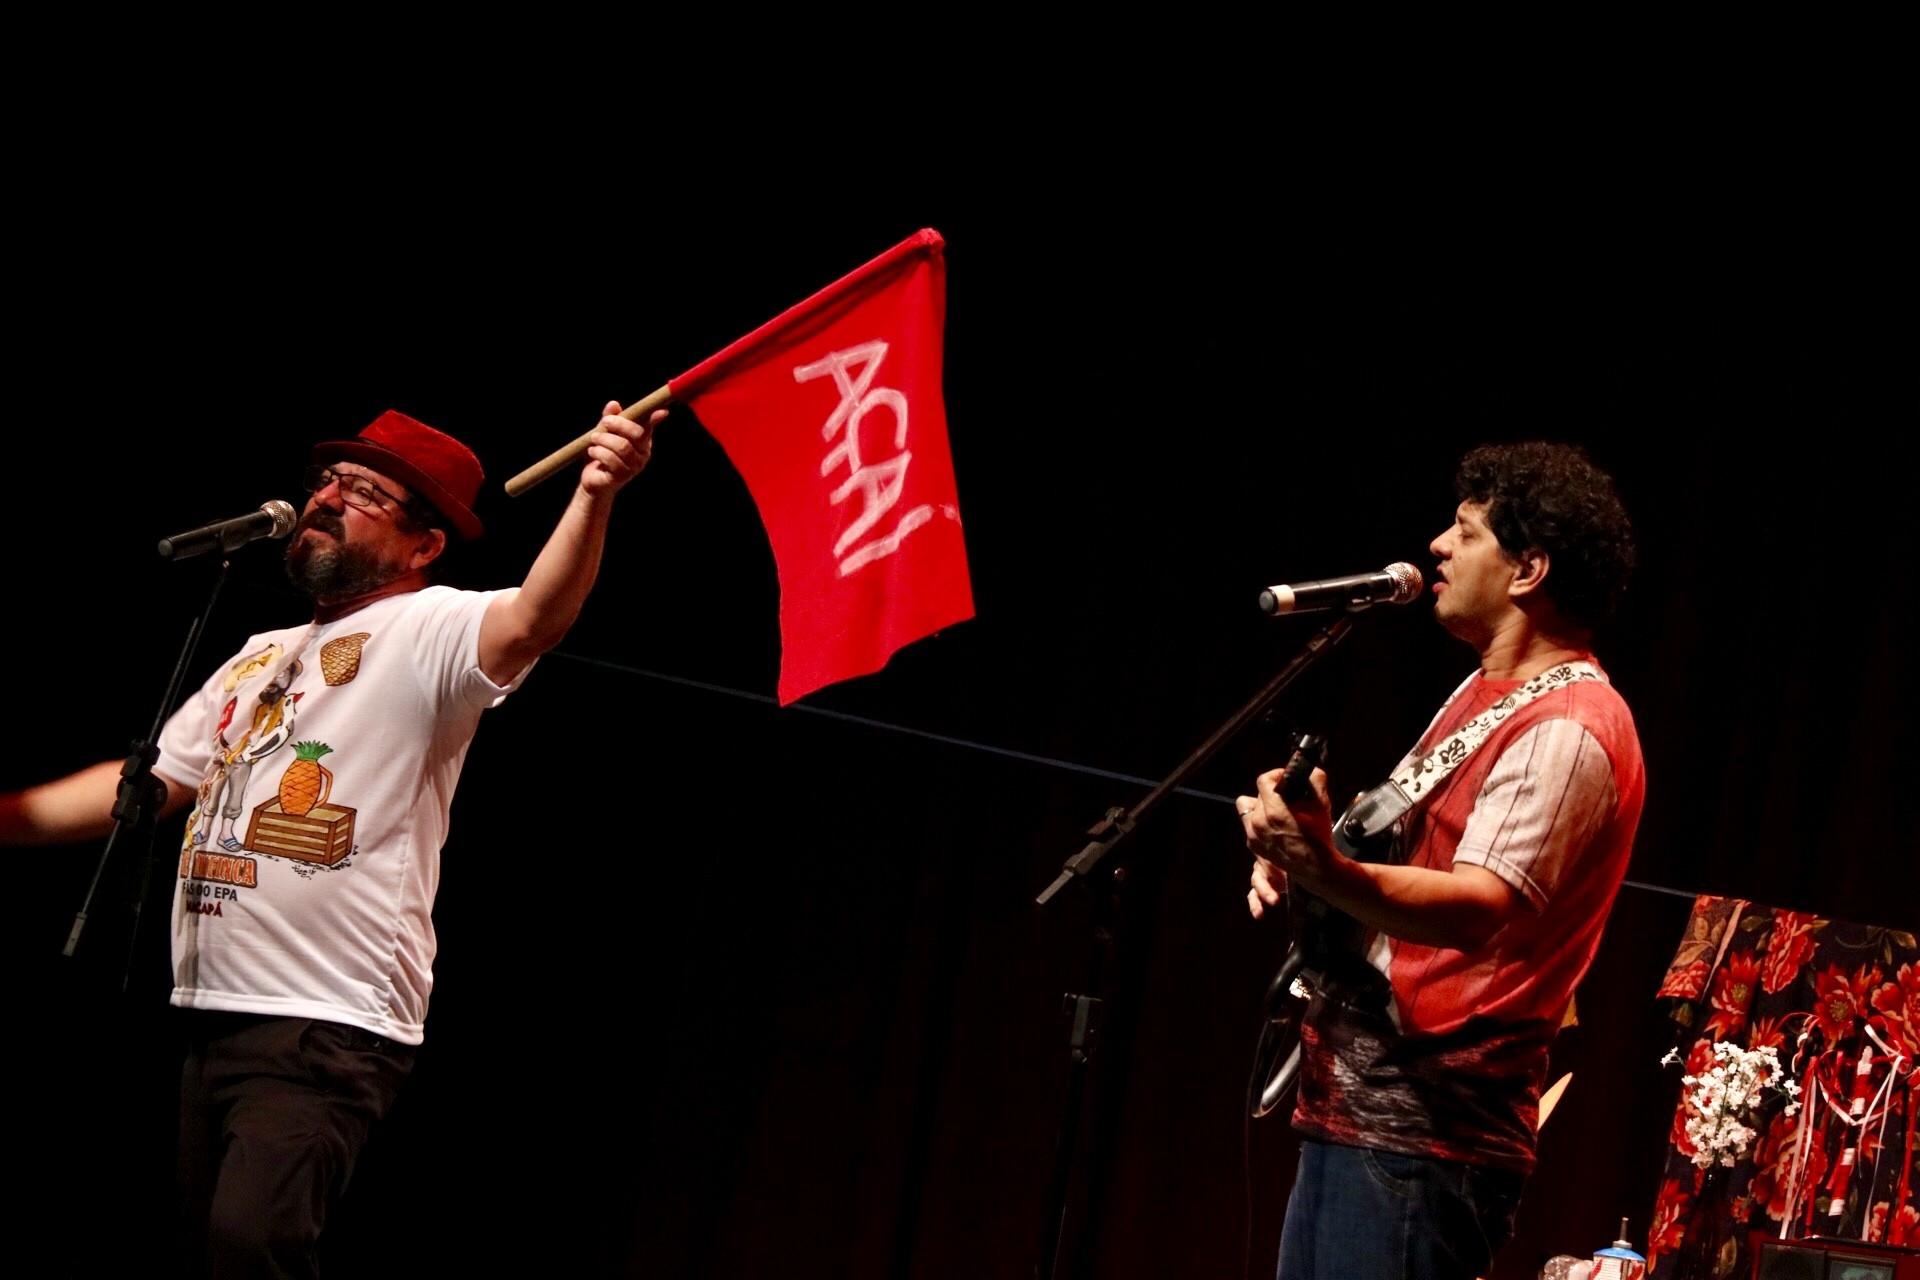 Show de humor em Macapá leva histórias de ribeirinhos da Amazônia para o teatro